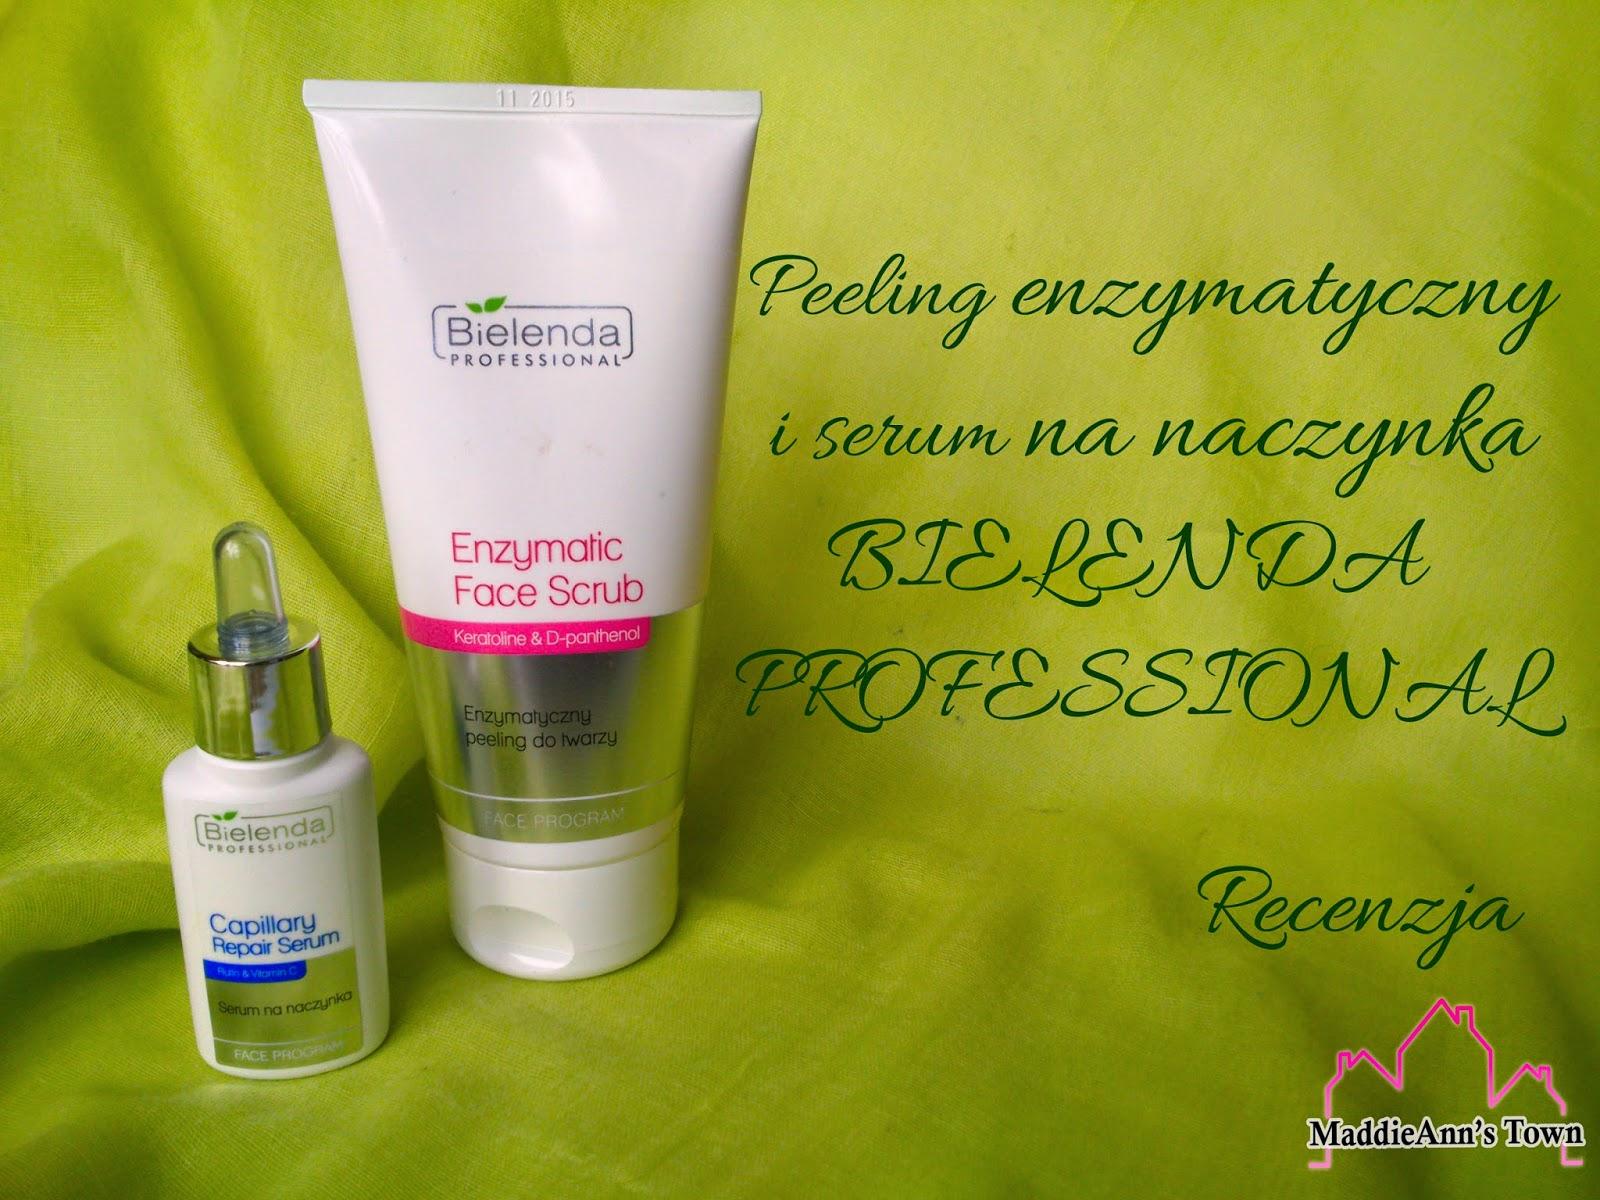 Bielenda professional - Peeling Enzymatyczny I Serum Na Naczynka Bielenda Professional Recenzja